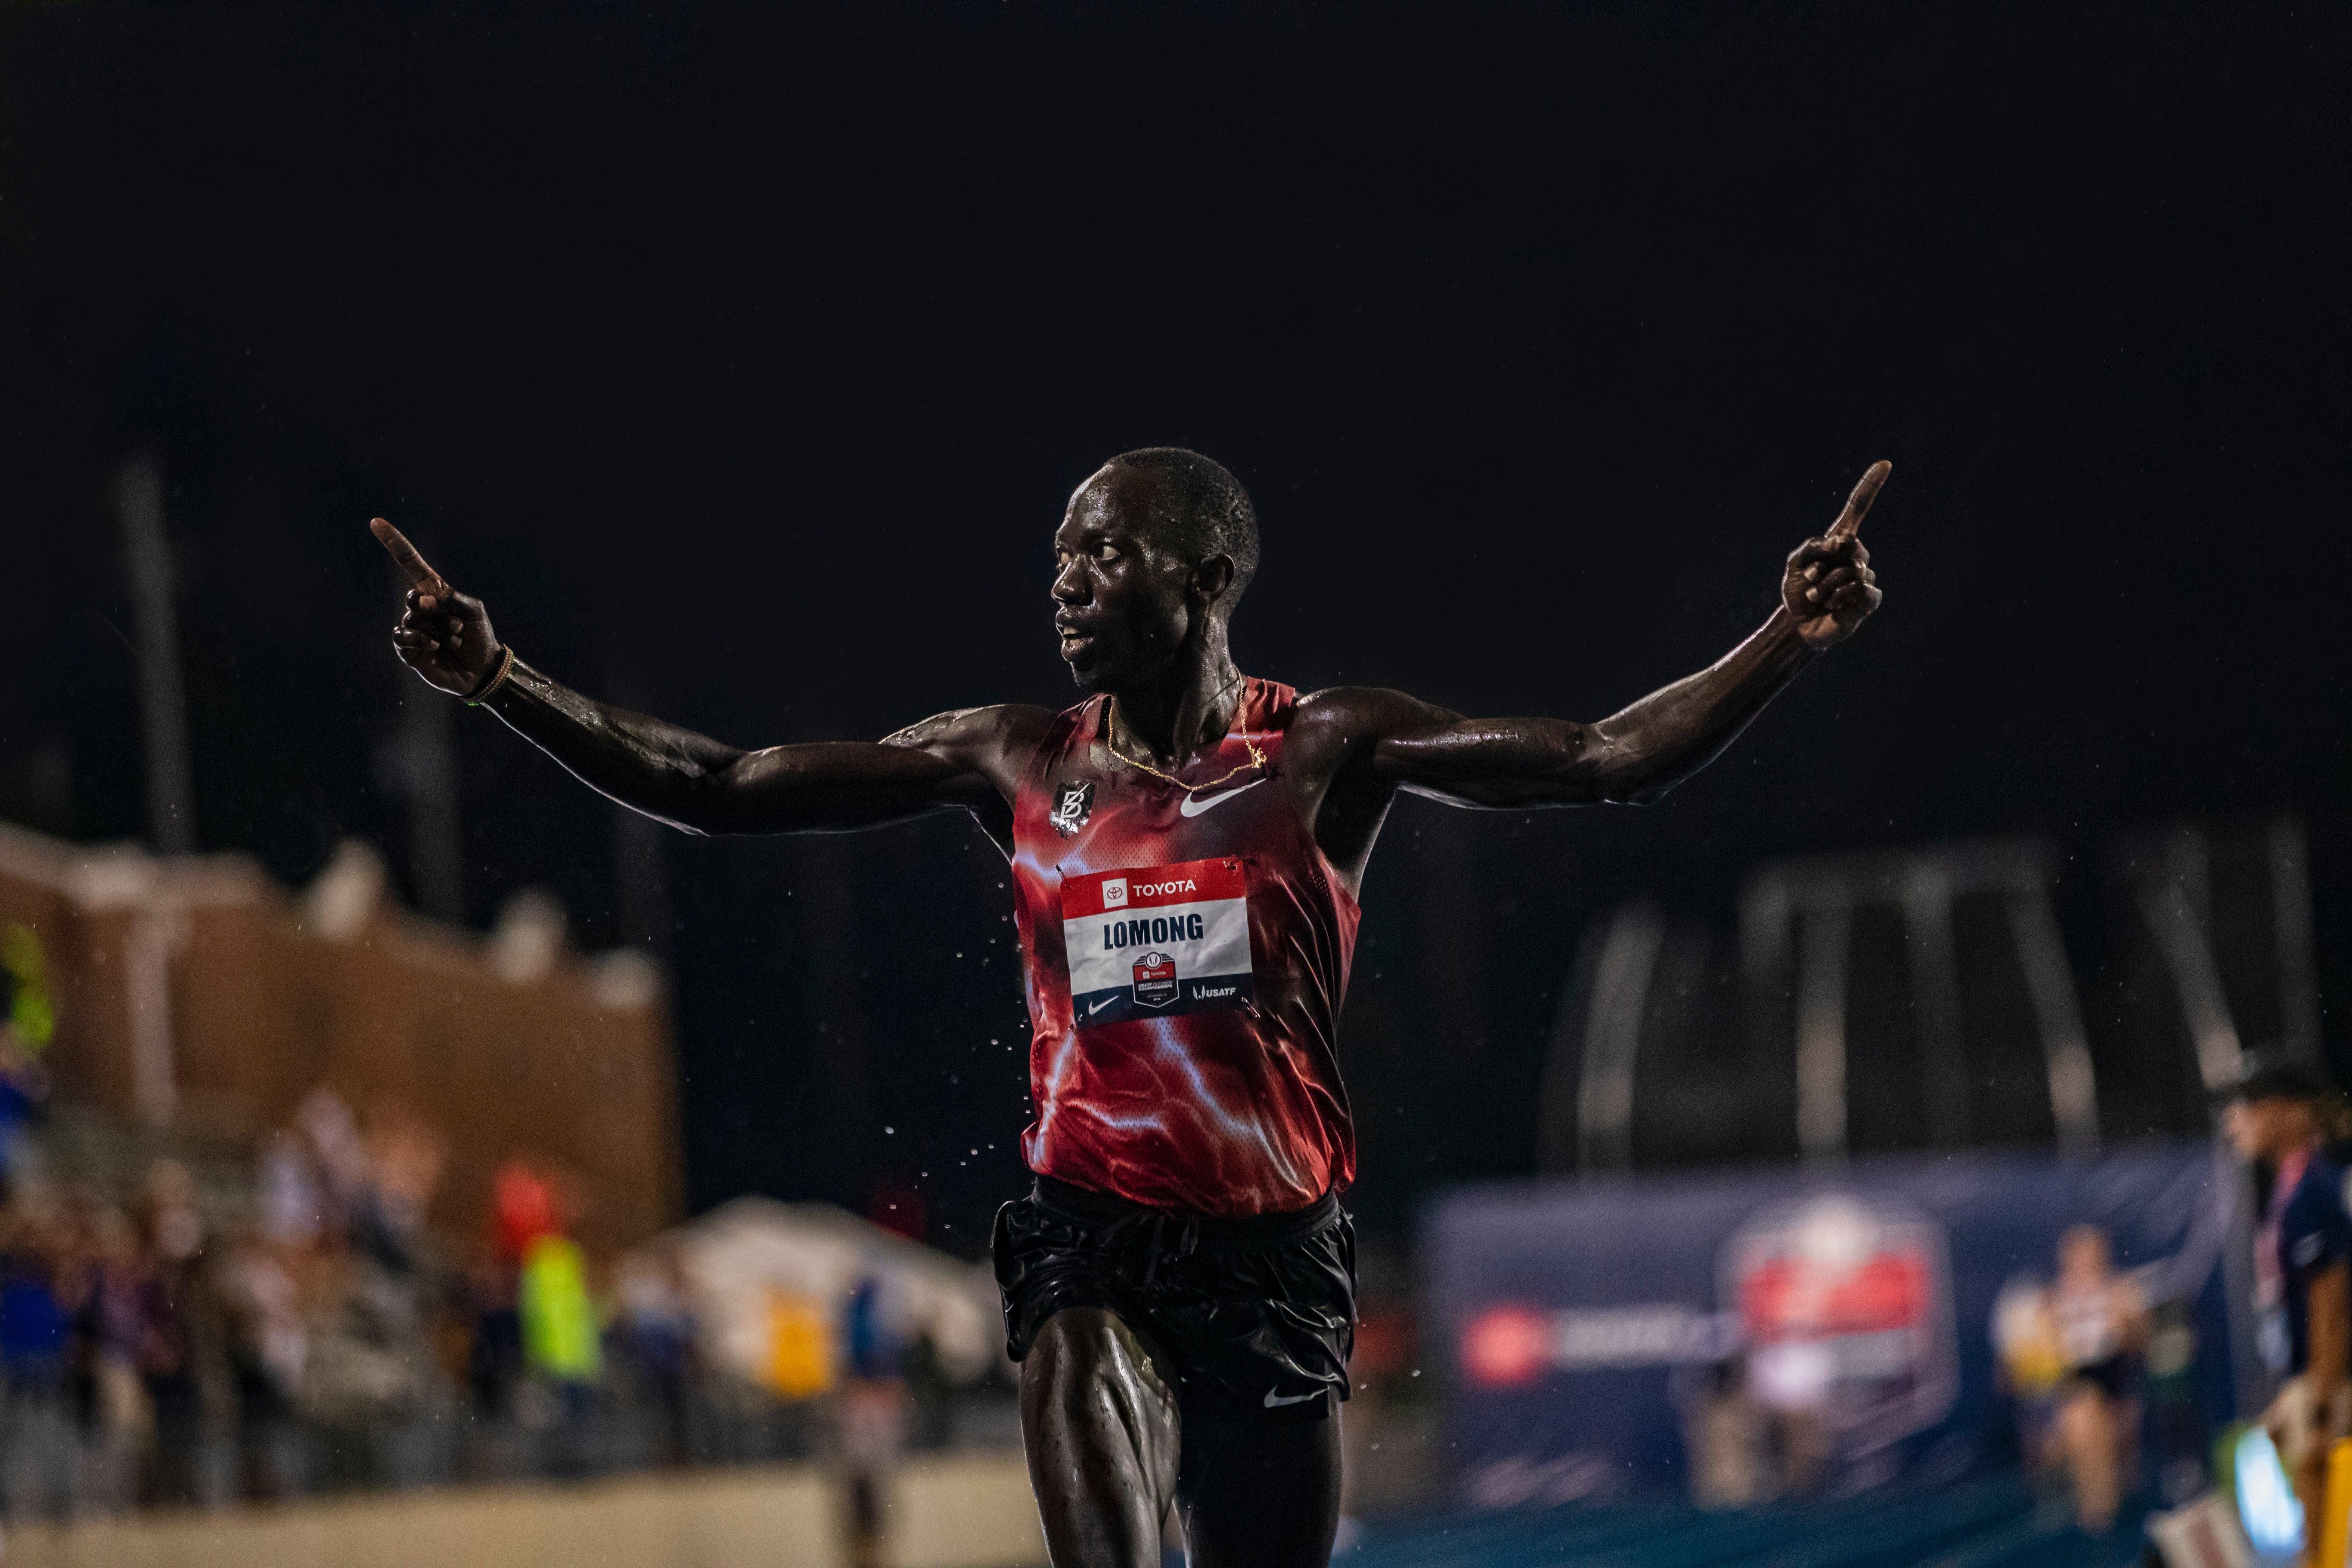 Lopez Lomong winning 10,000m at USATF 2019